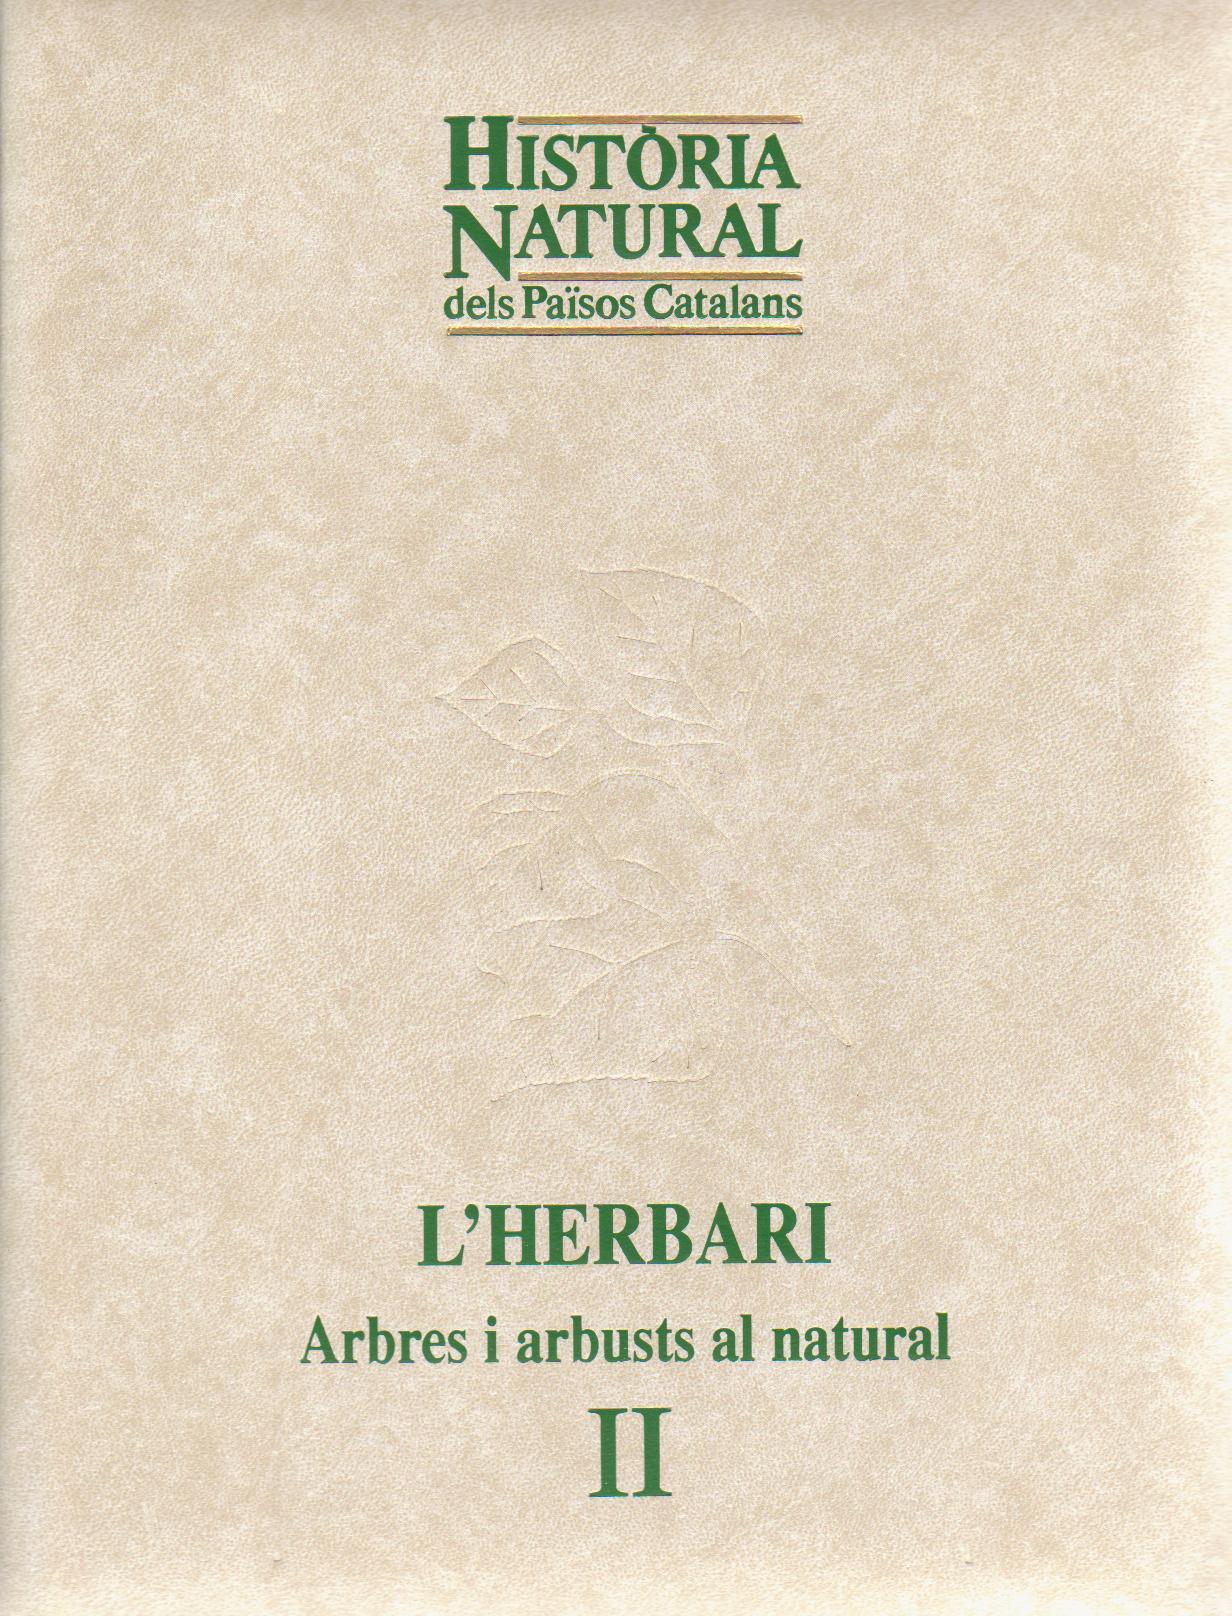 Història natural dels Països Catalans. L'herbari